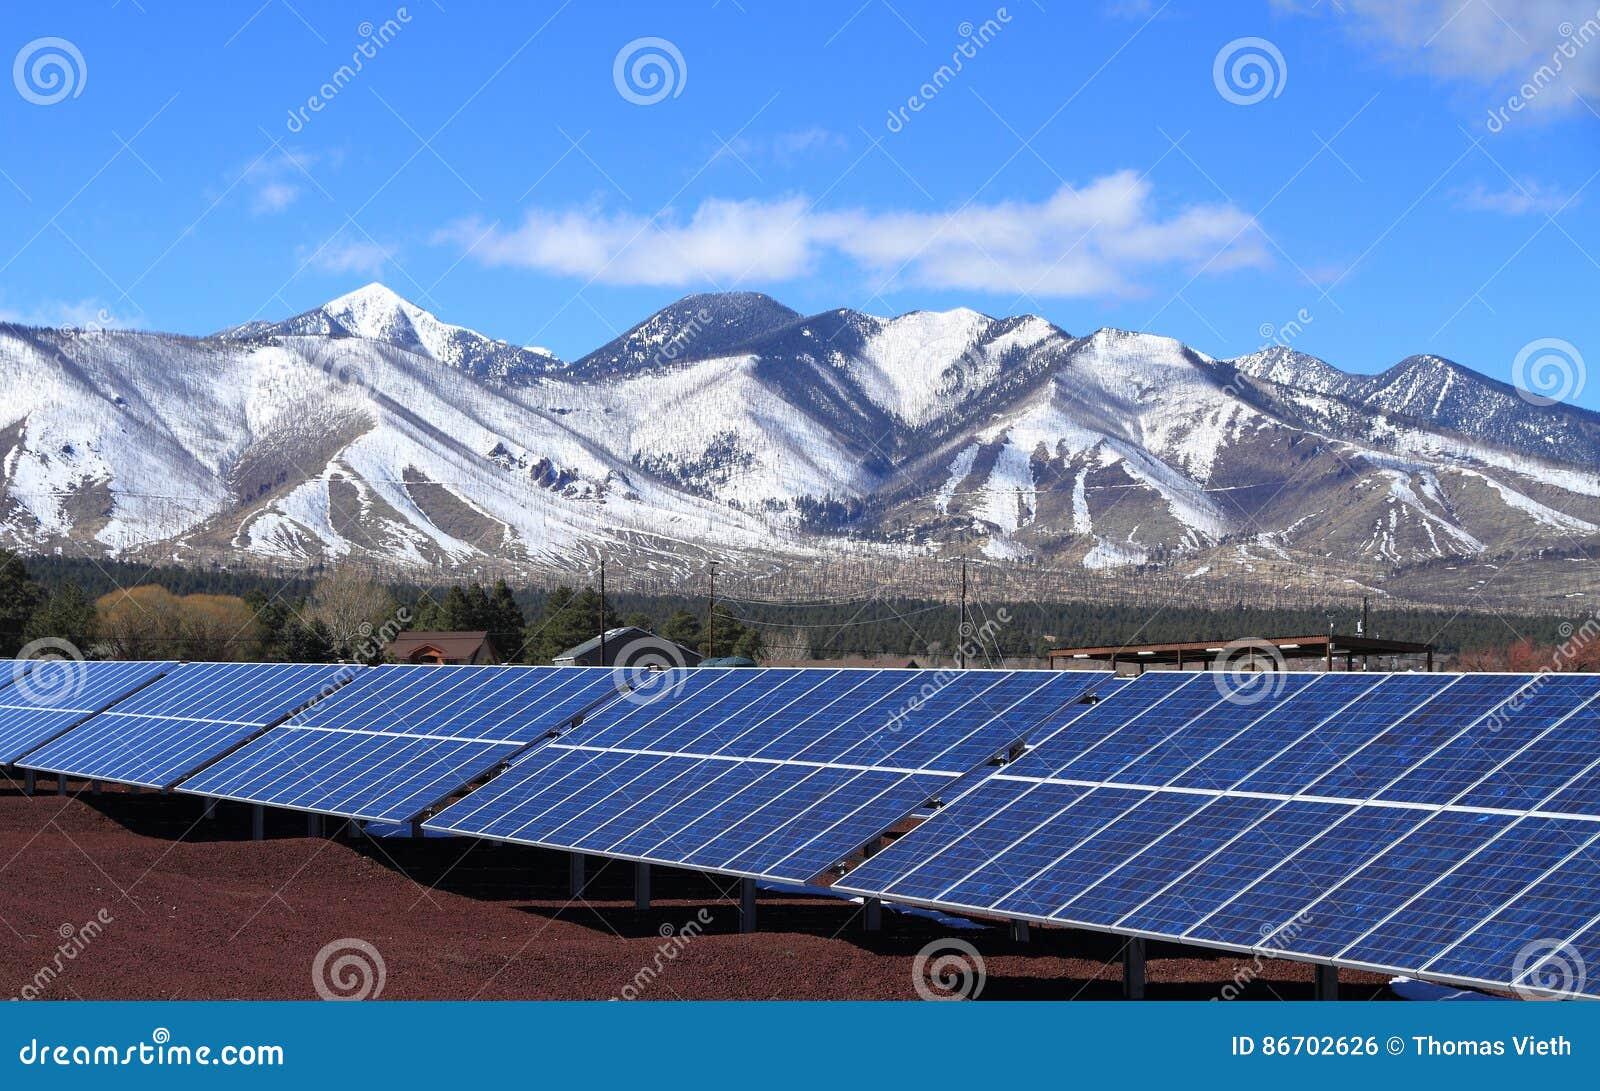 旧金山峰顶的脚的-旗竿, Arizona/USA太阳能发电厂